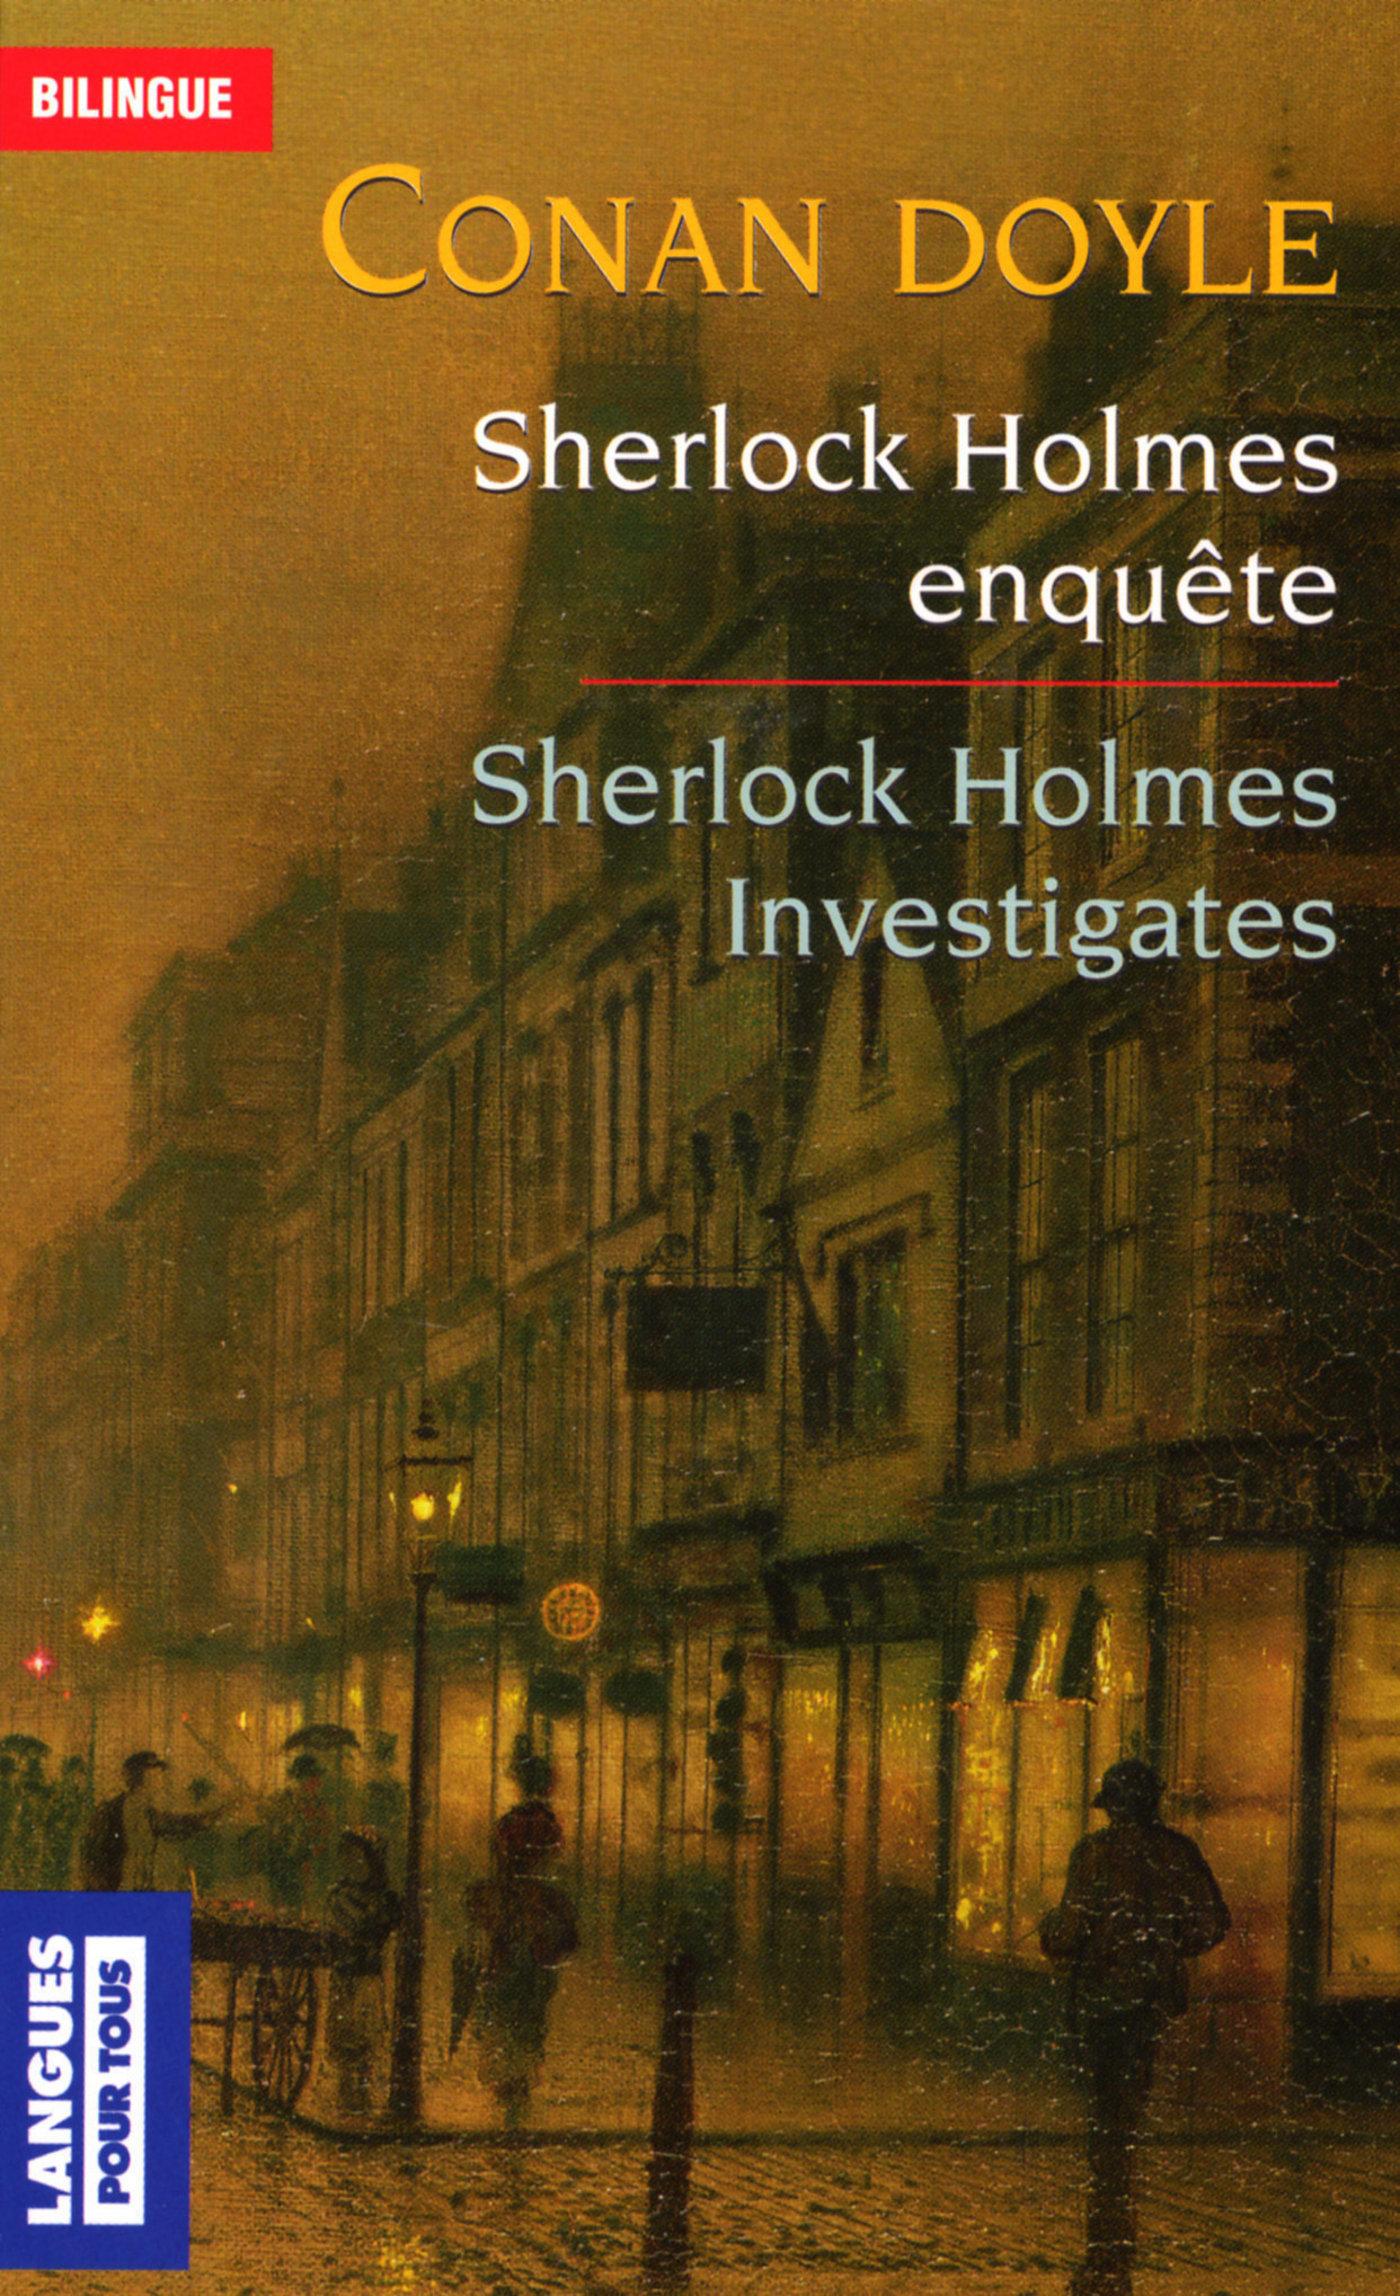 Sherlock Holmes enquête